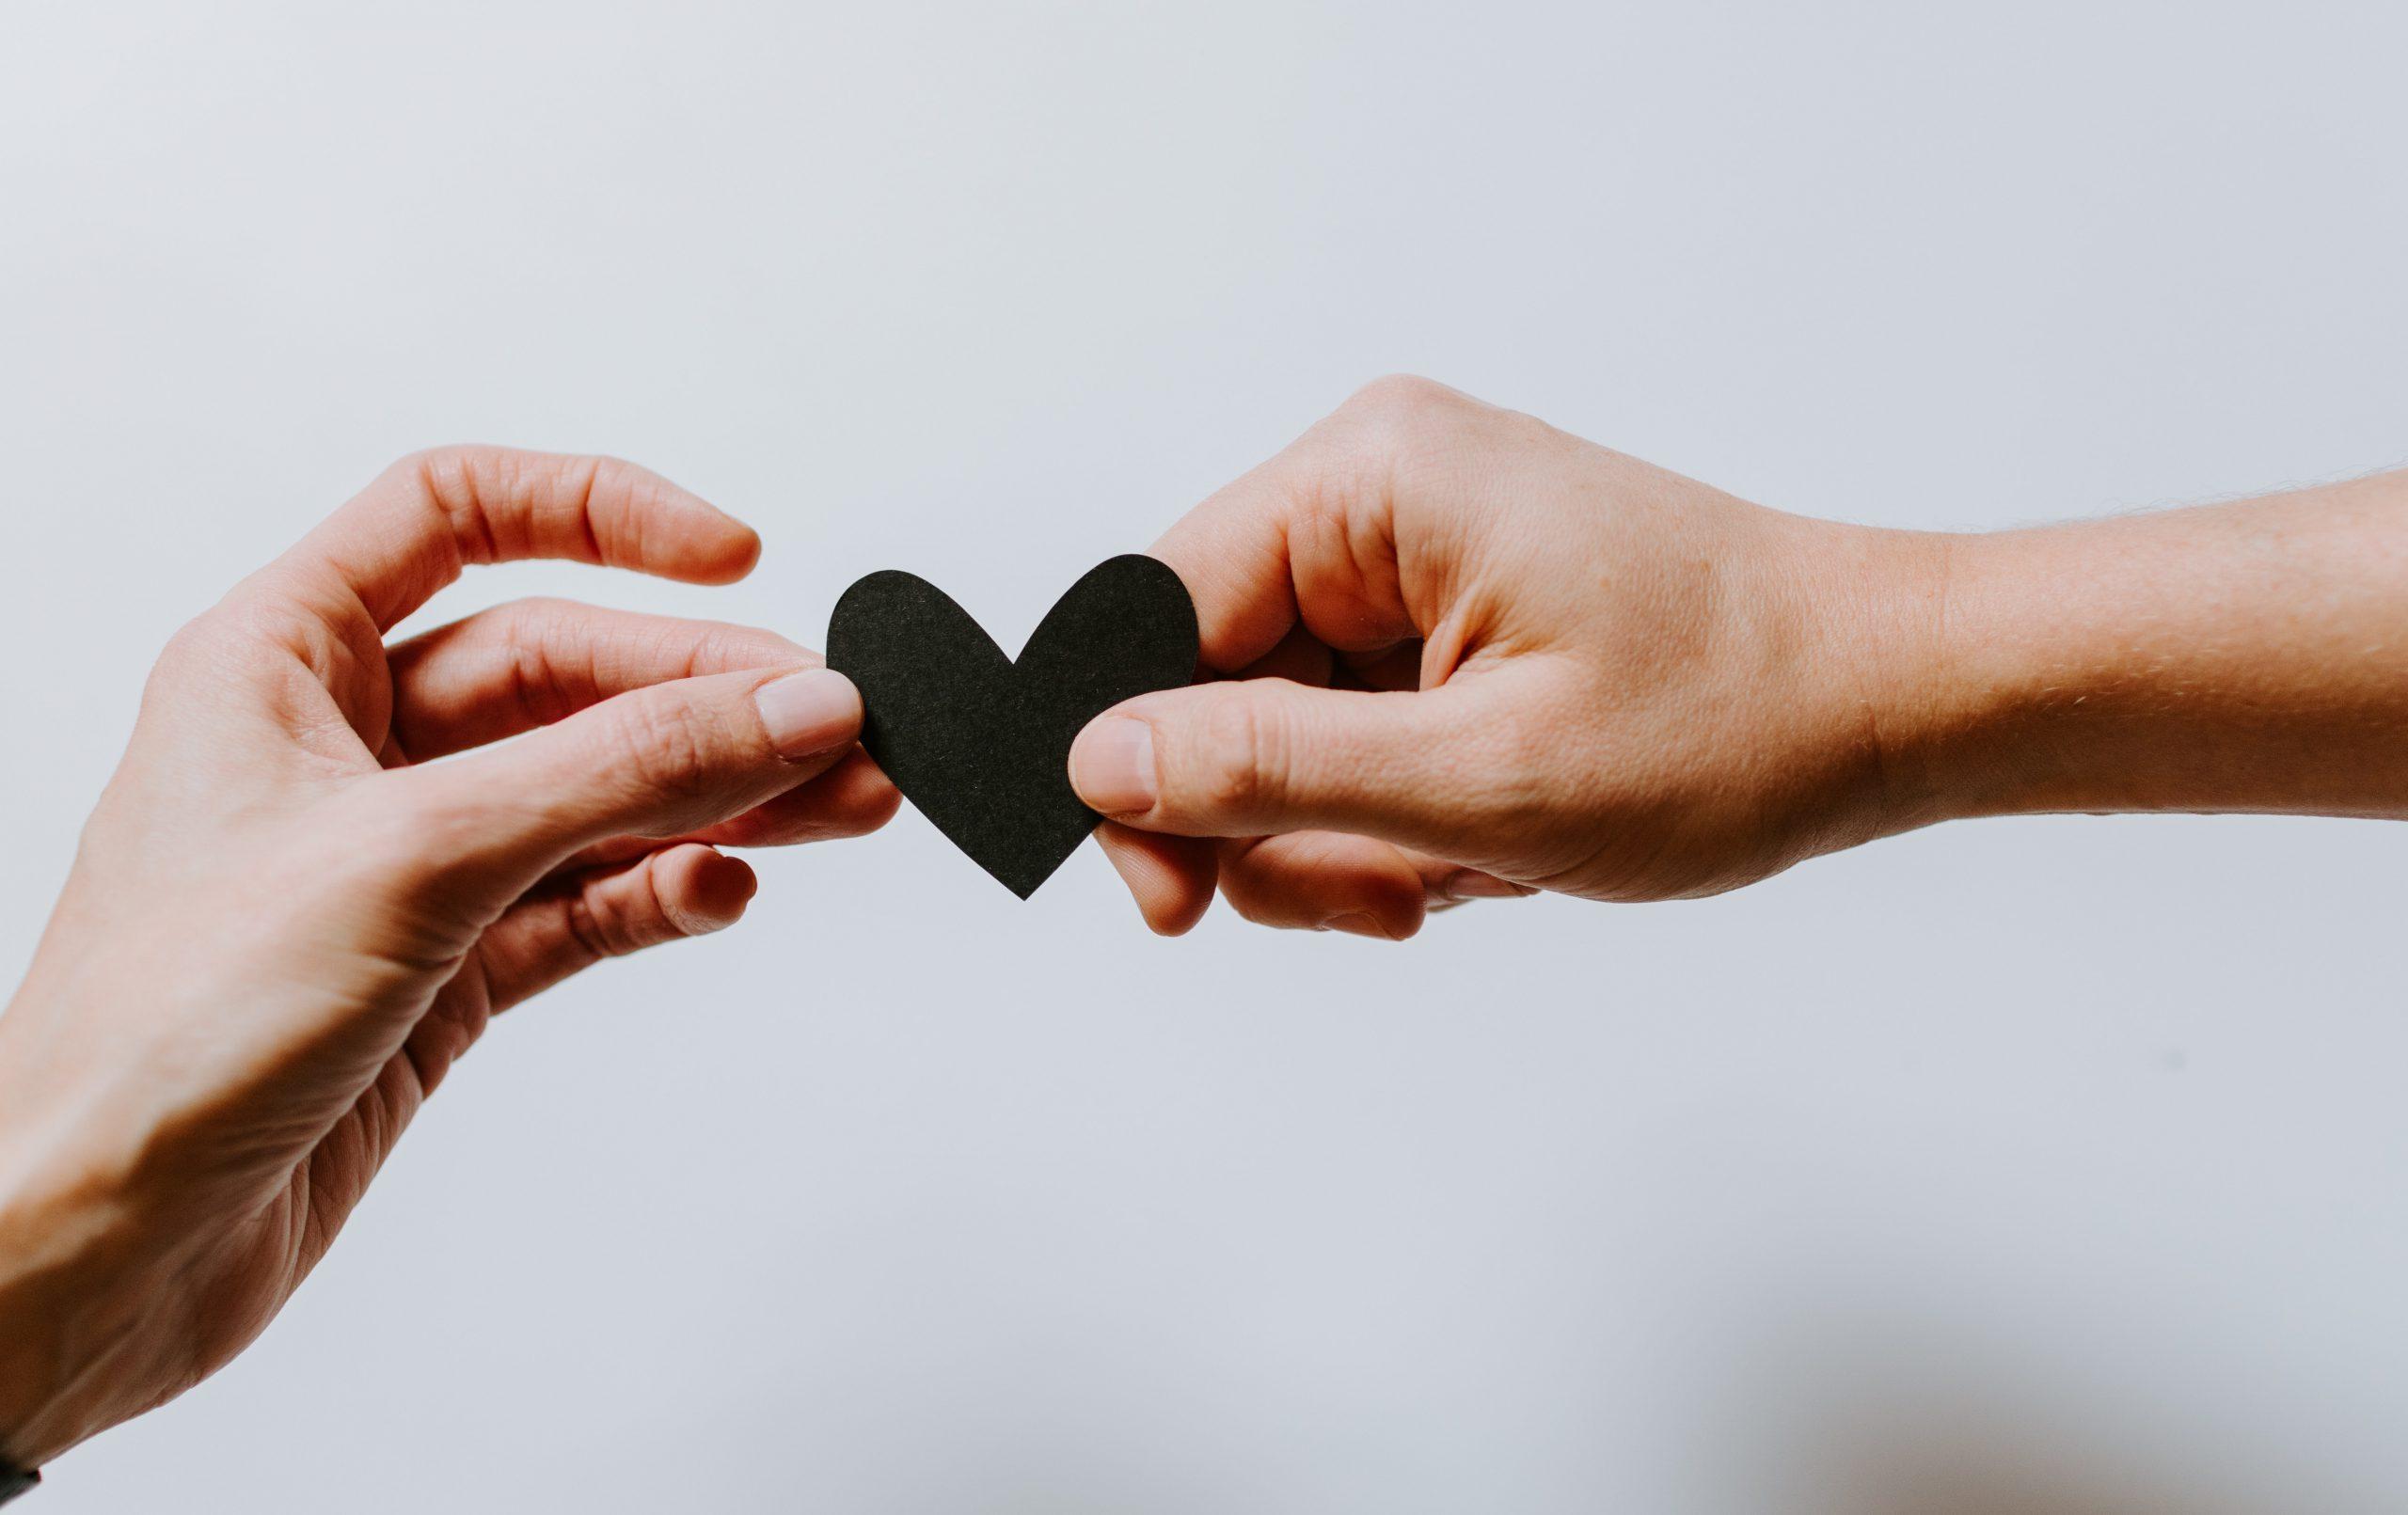 Zwei Hände halten ein kleines Herz